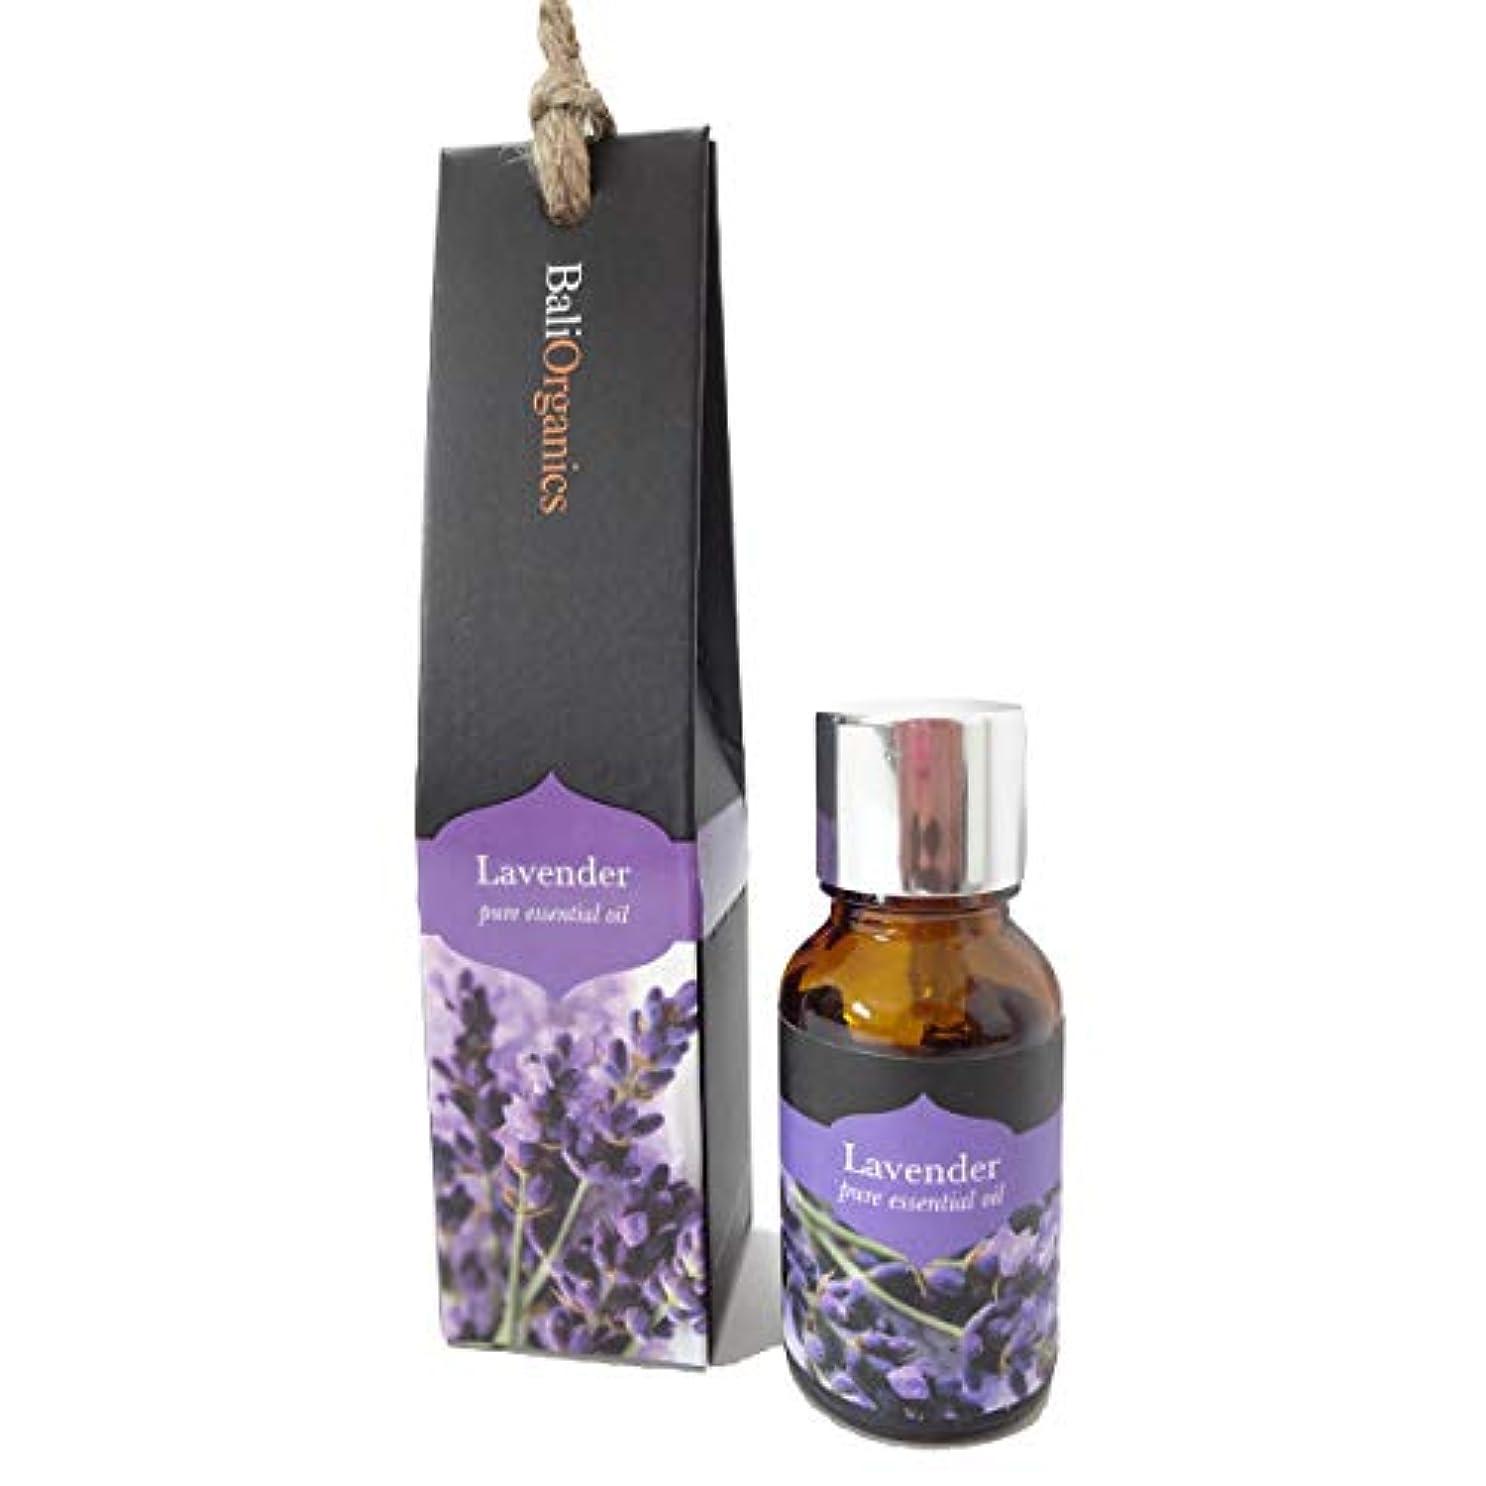 石鹸こどもセンター球体Bali Organics バリオーガニック アロマ エッセンシャルオイル Lavender ラベンダー 15ml